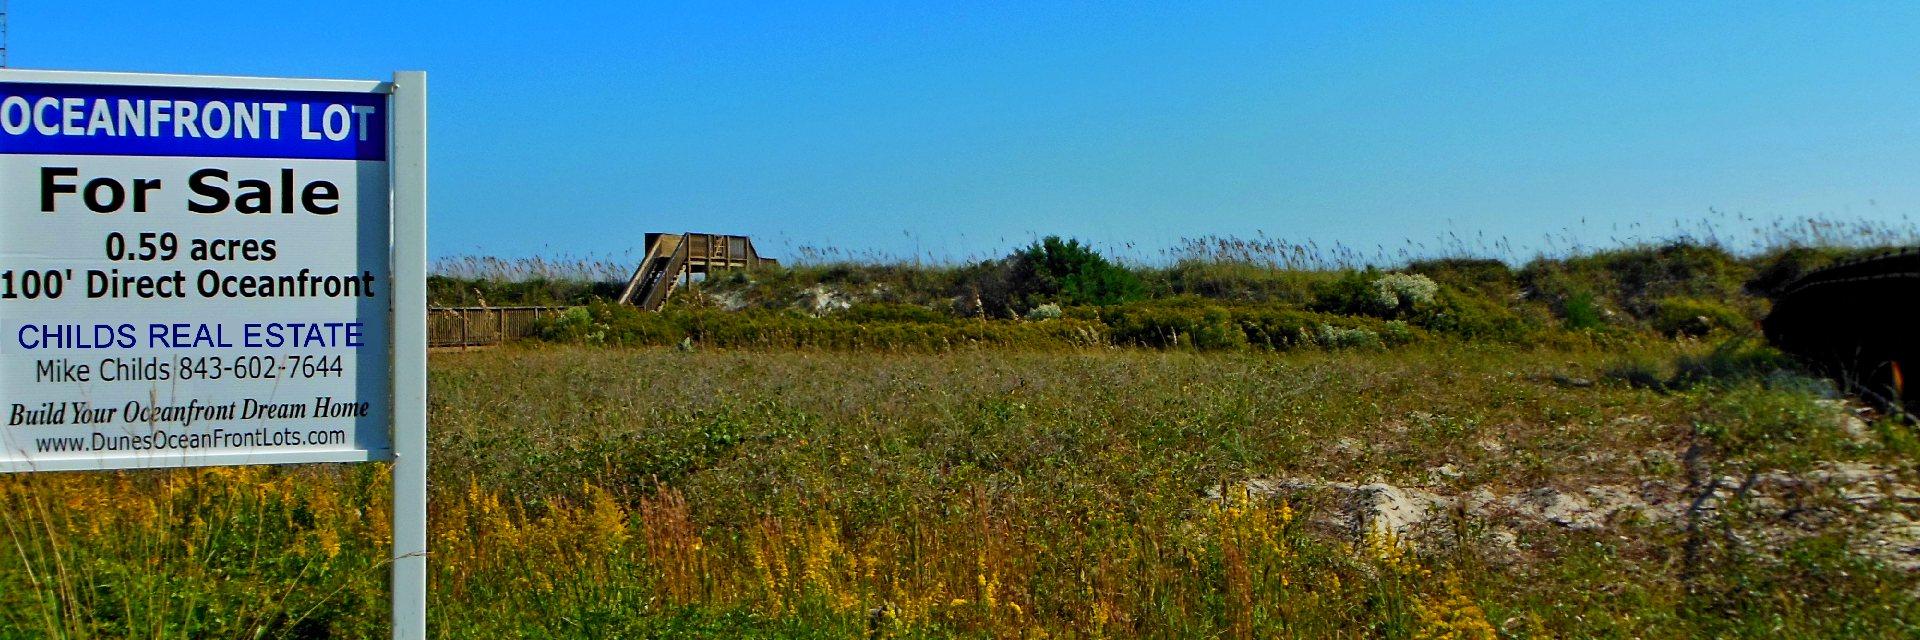 Myrtle Beach Ocean Front Lot For Sale in Dunes Club - Dunes Oceanfront